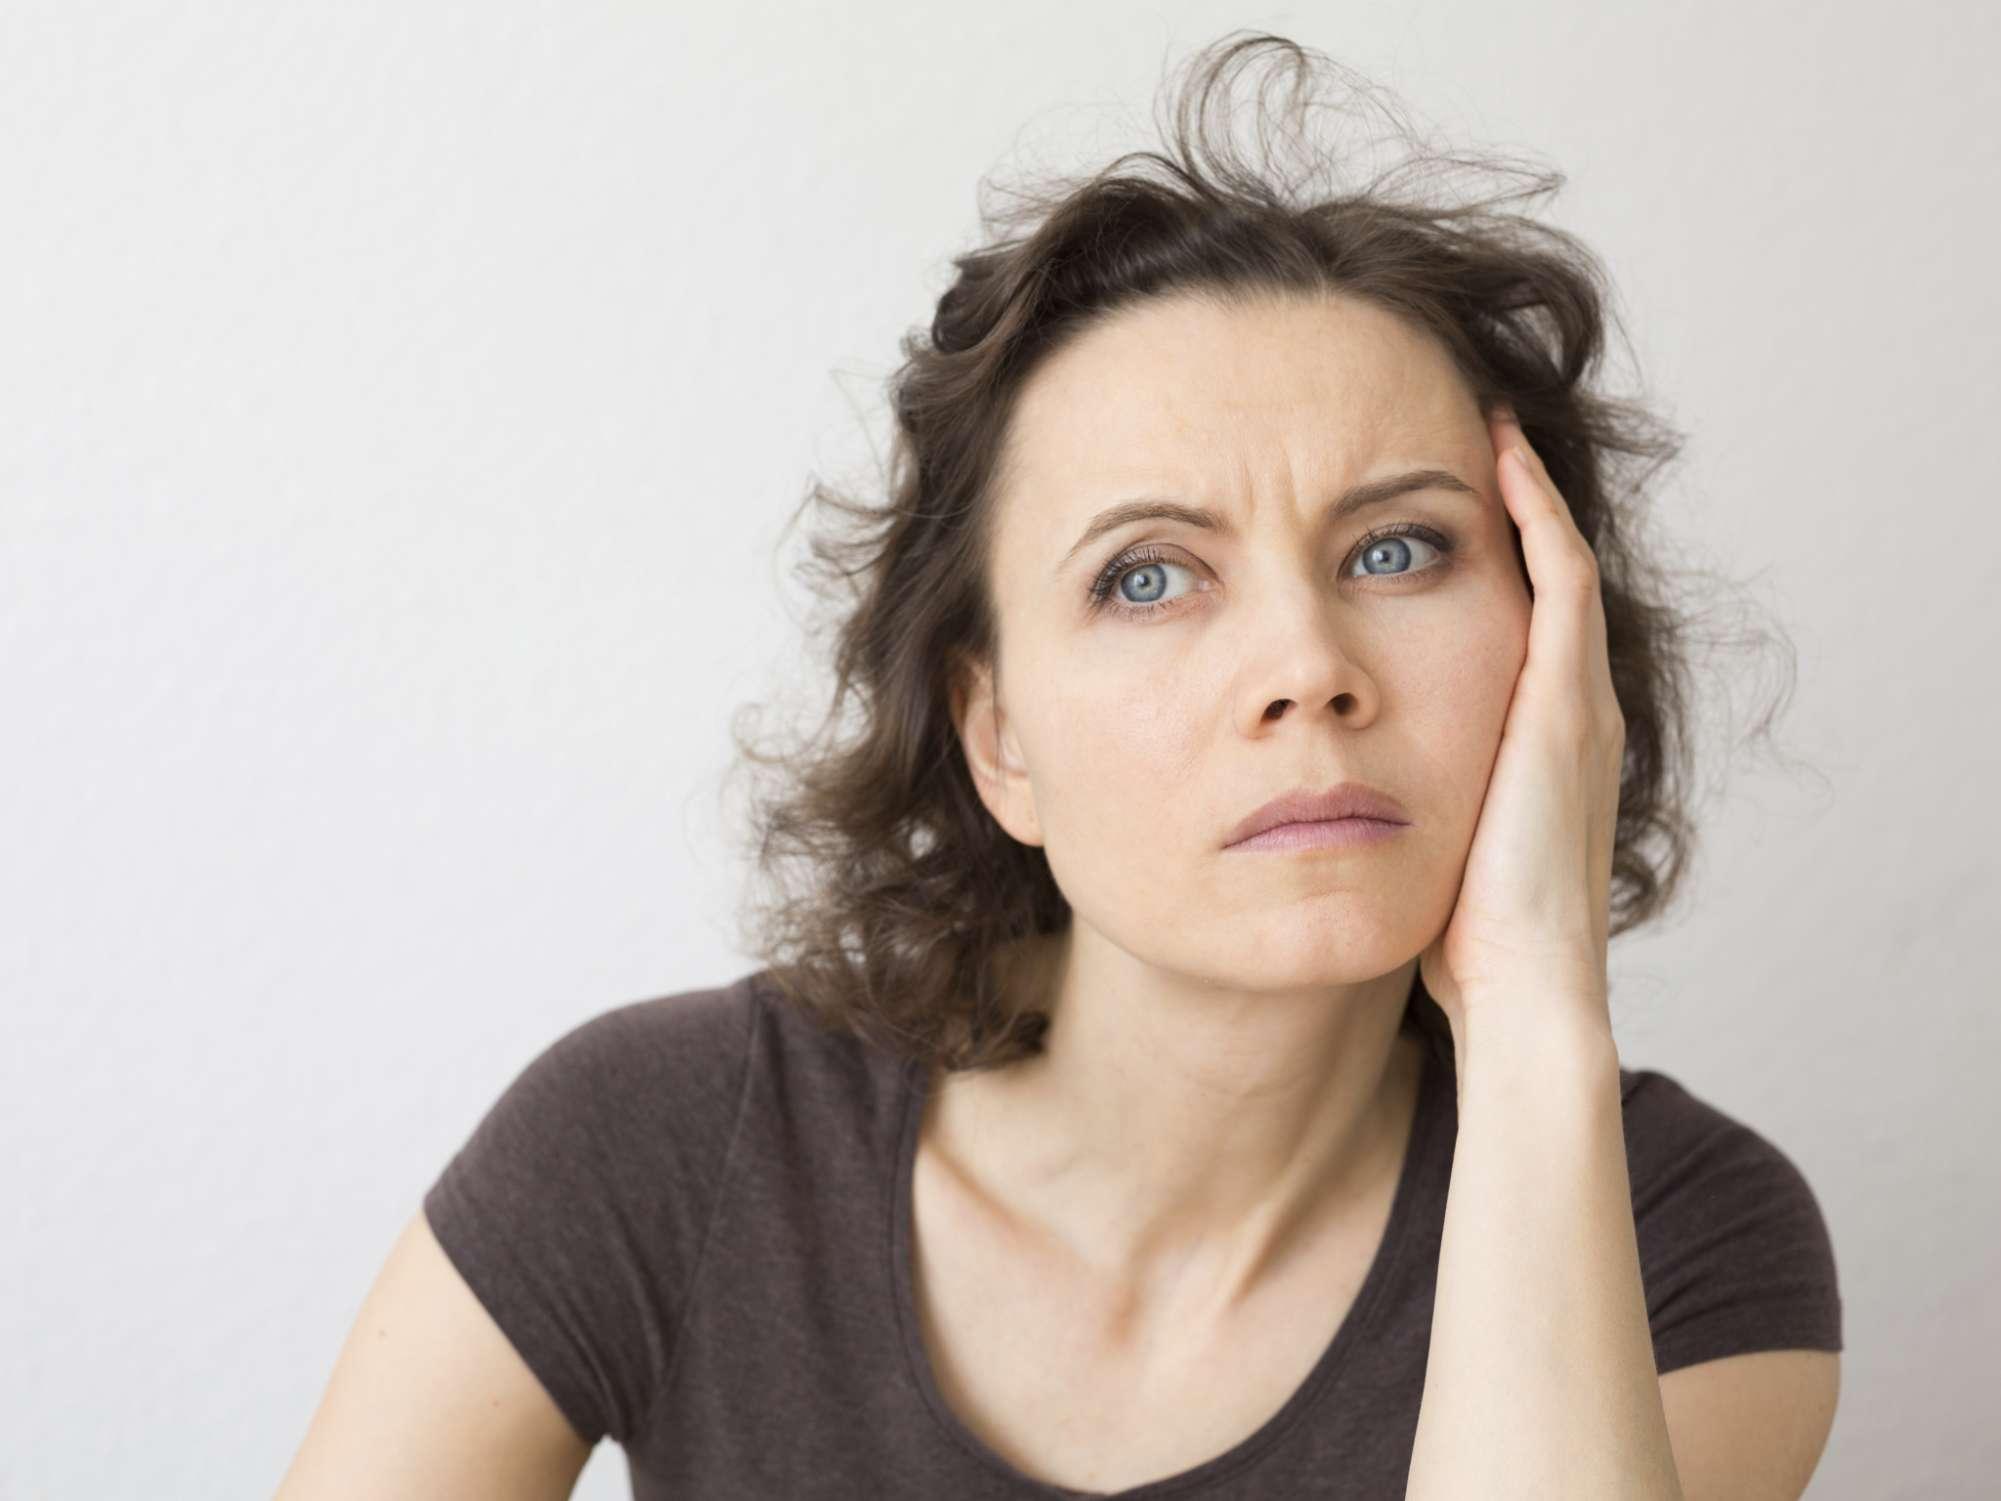 Estudo mostra que 50% das pessoas se arrependem do divórcio